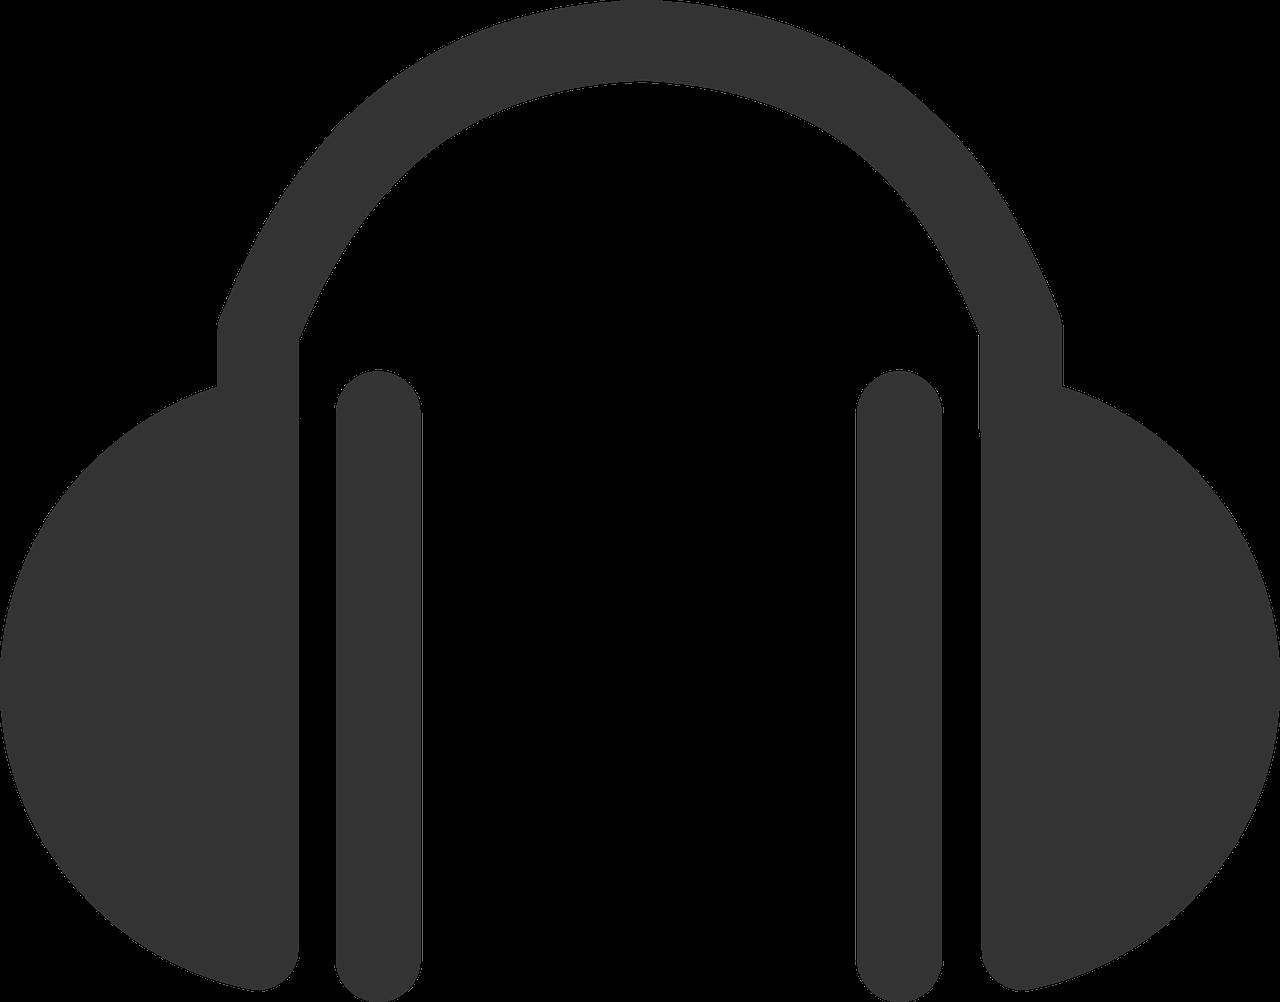 headphones, earphones, audio